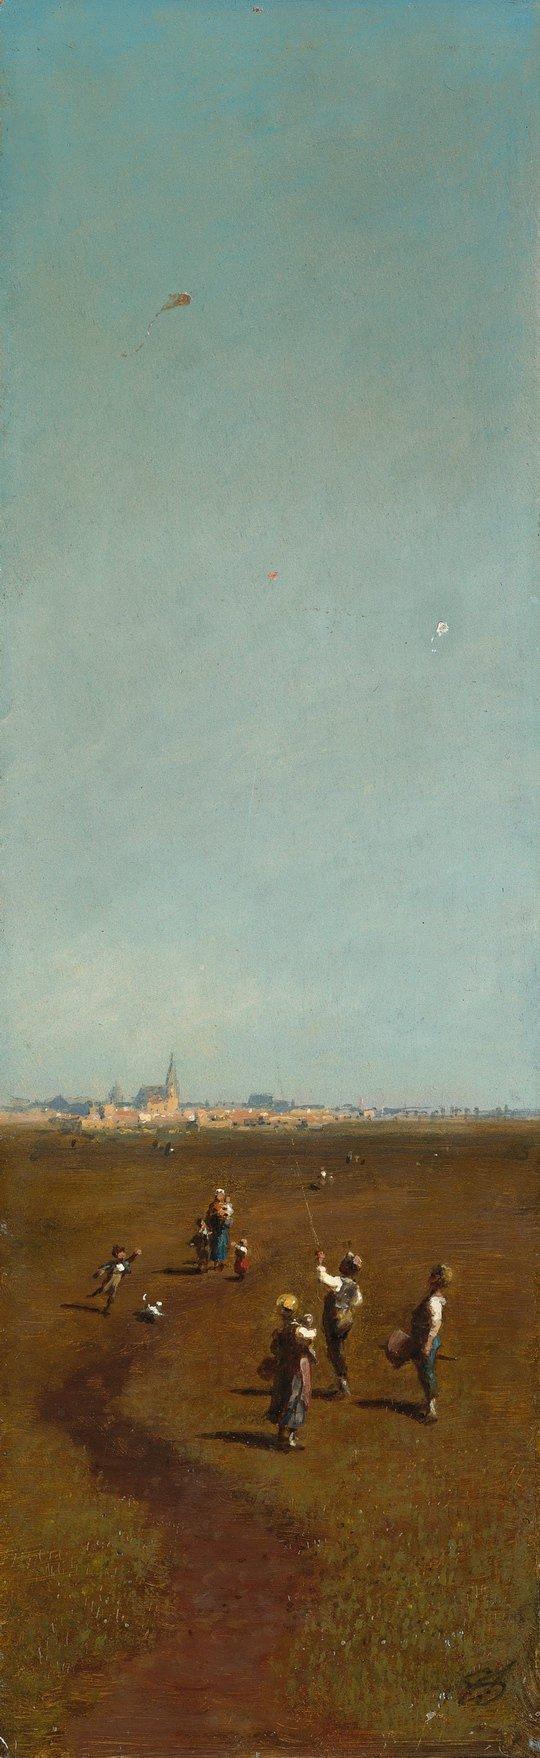 Flying Kites | Carl Spitzweg | oil painting